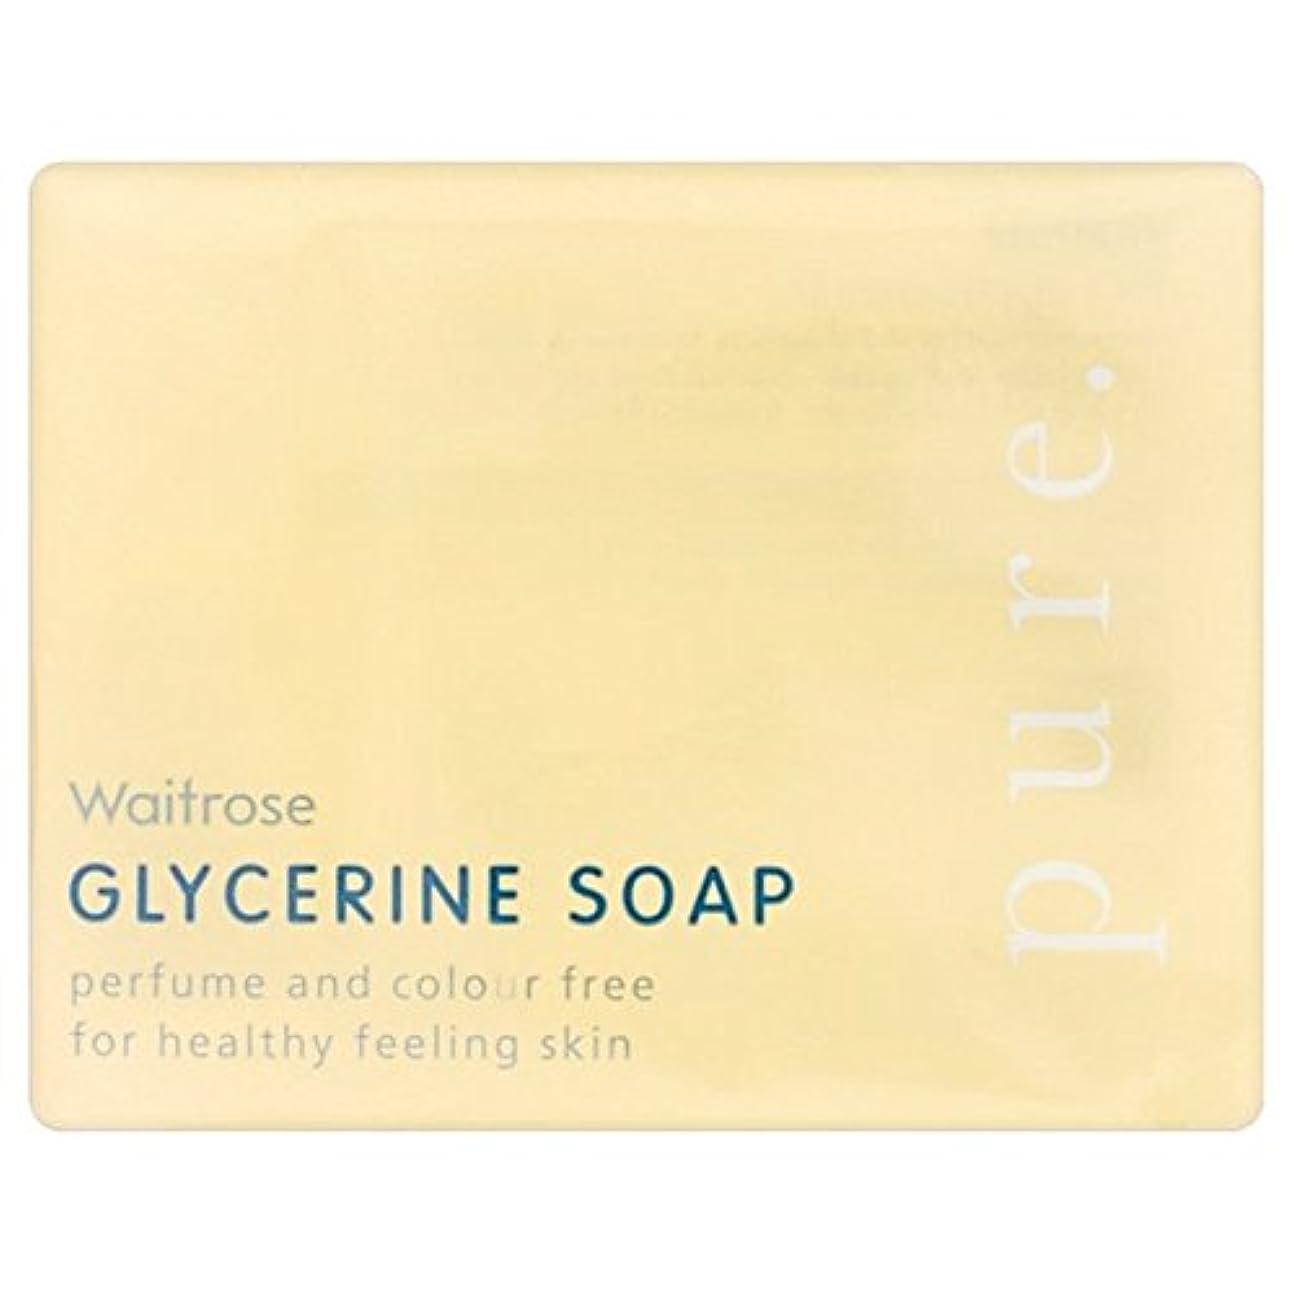 知的同級生テザー純粋なグリセリンソープウェイトローズの100グラム x2 - Pure Glycerine Soap Waitrose 100g (Pack of 2) [並行輸入品]